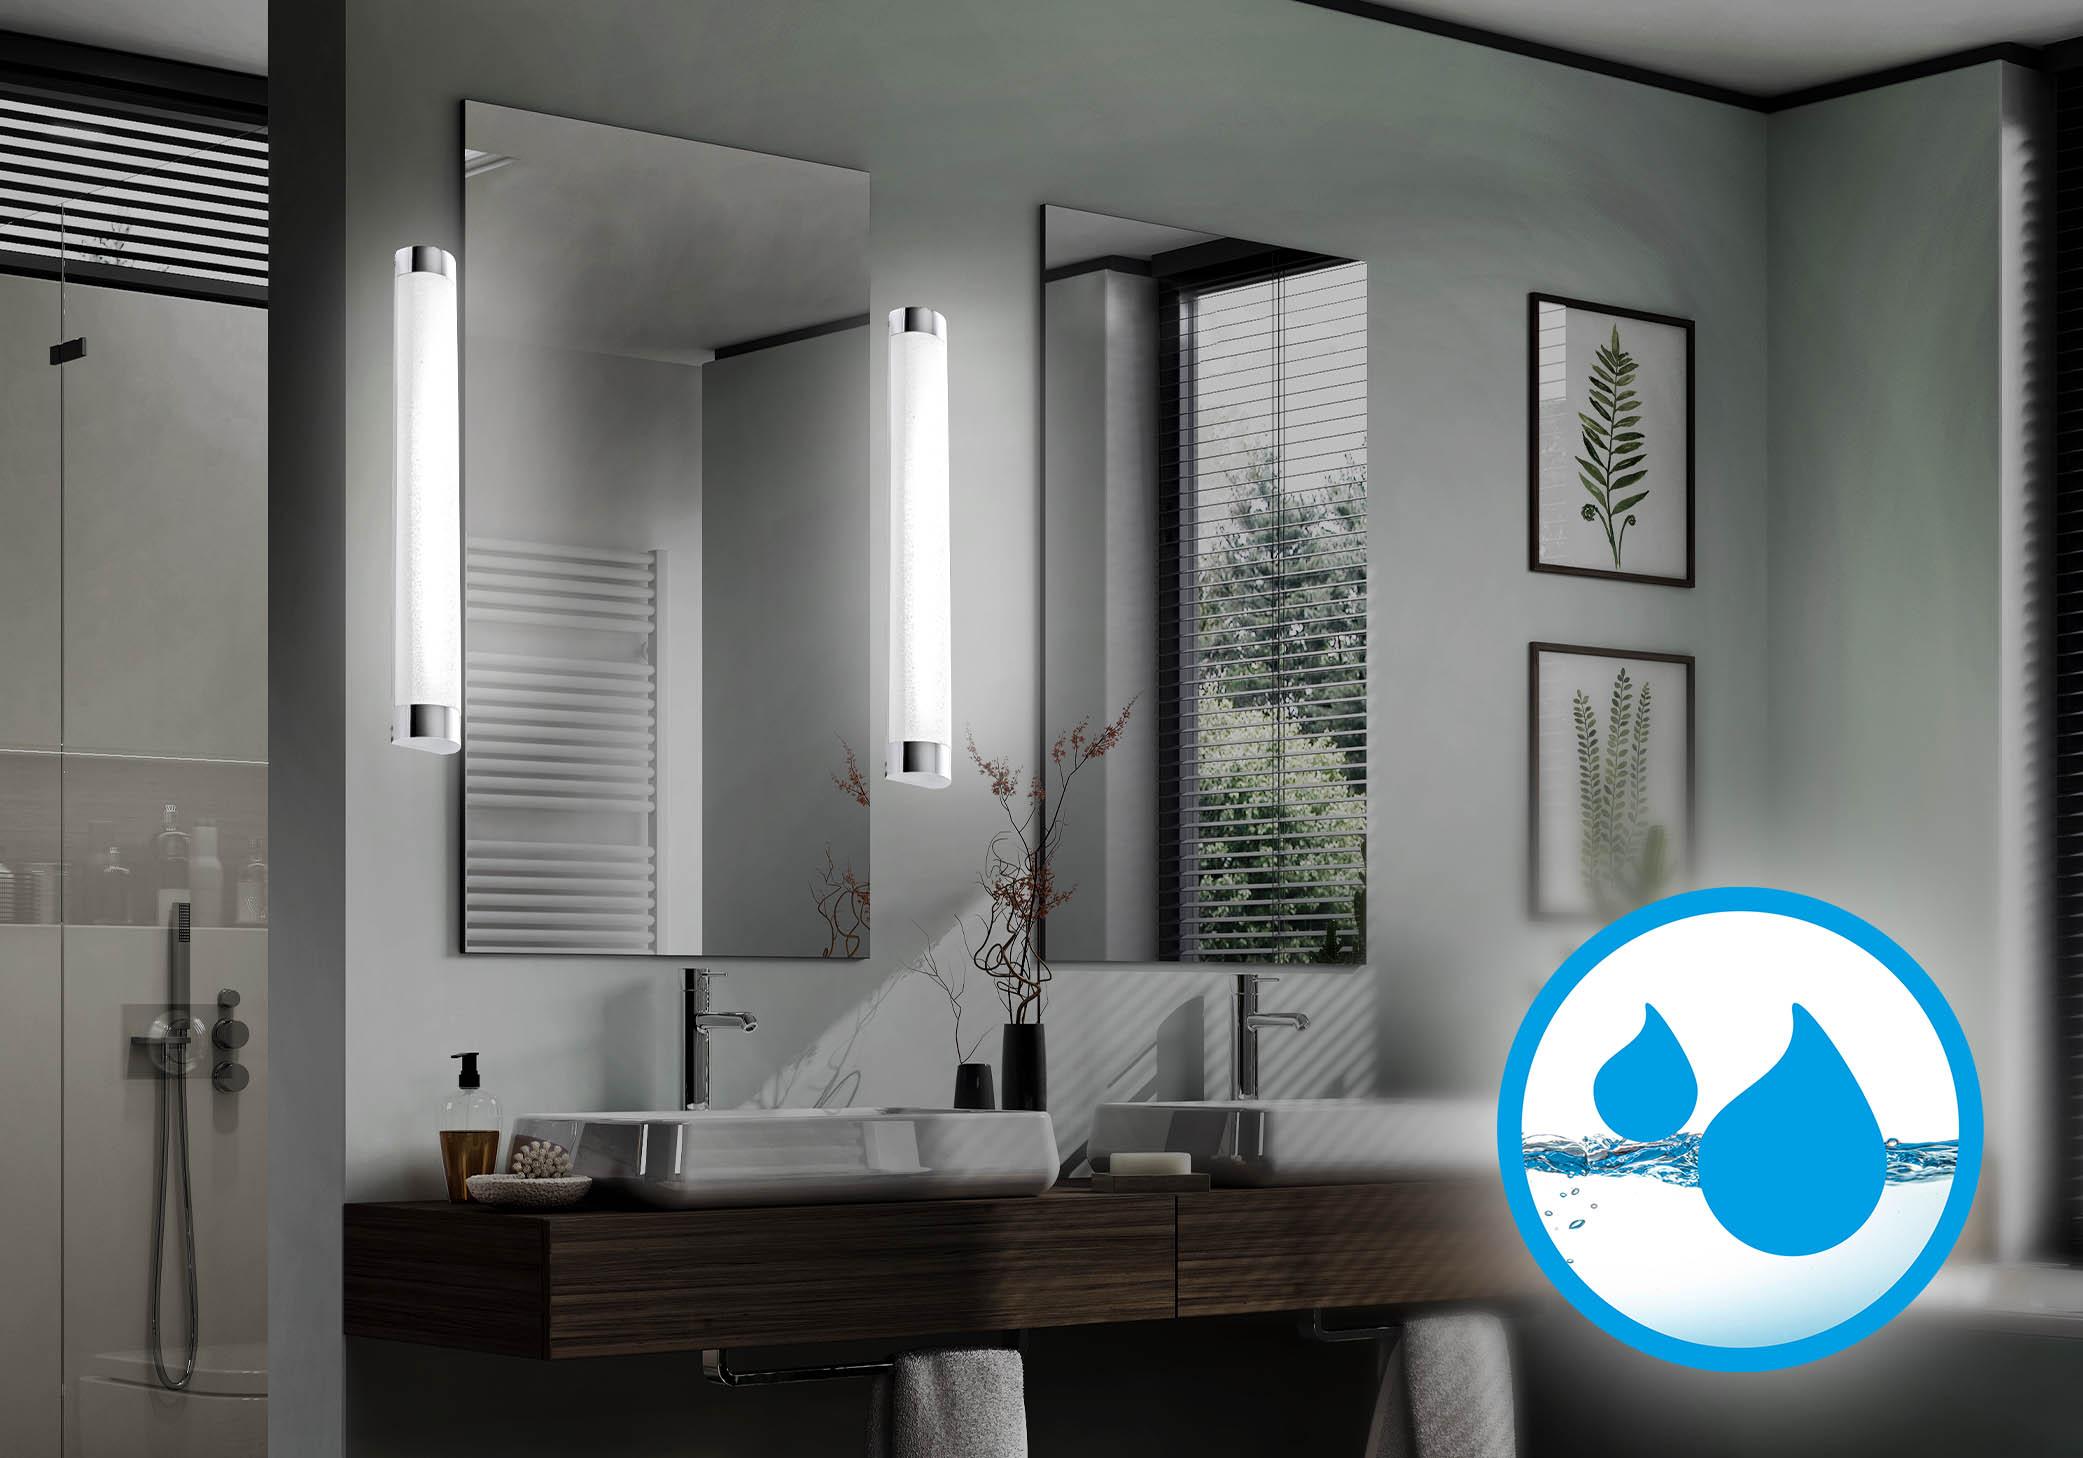 LED Spiegelleuchten im Badezimmer